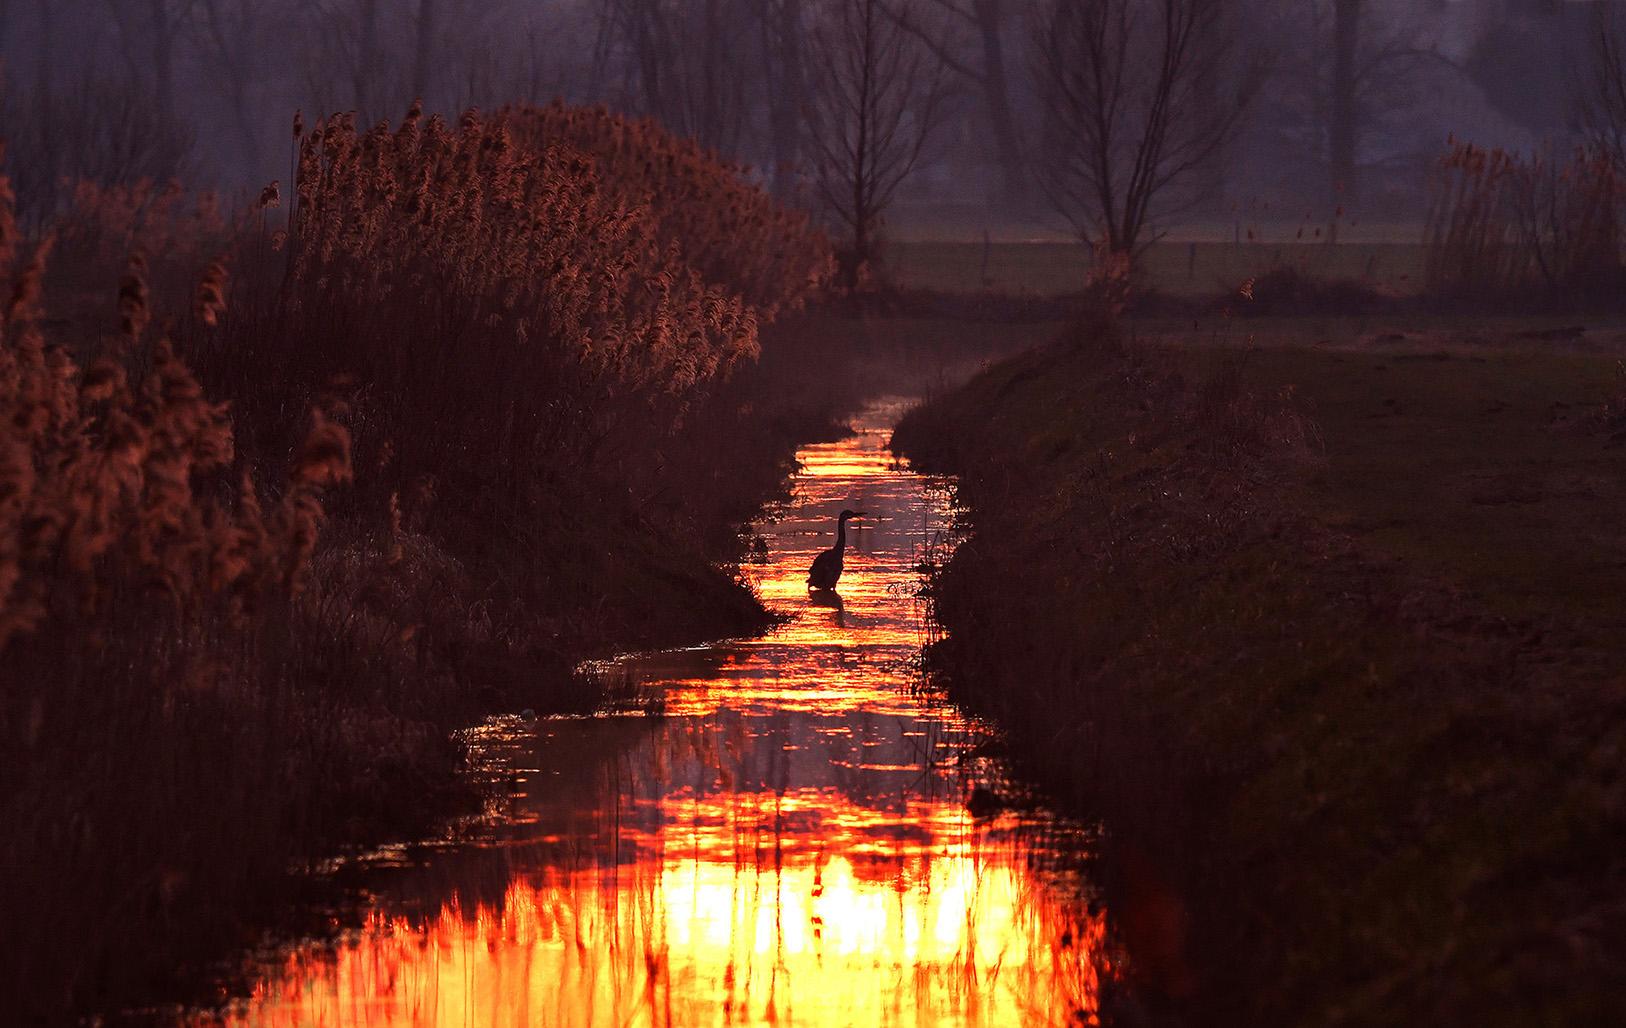 Even later zagen we een vissende reiger in de kleurrijke sloot - Foto: ©Louis Fraanje